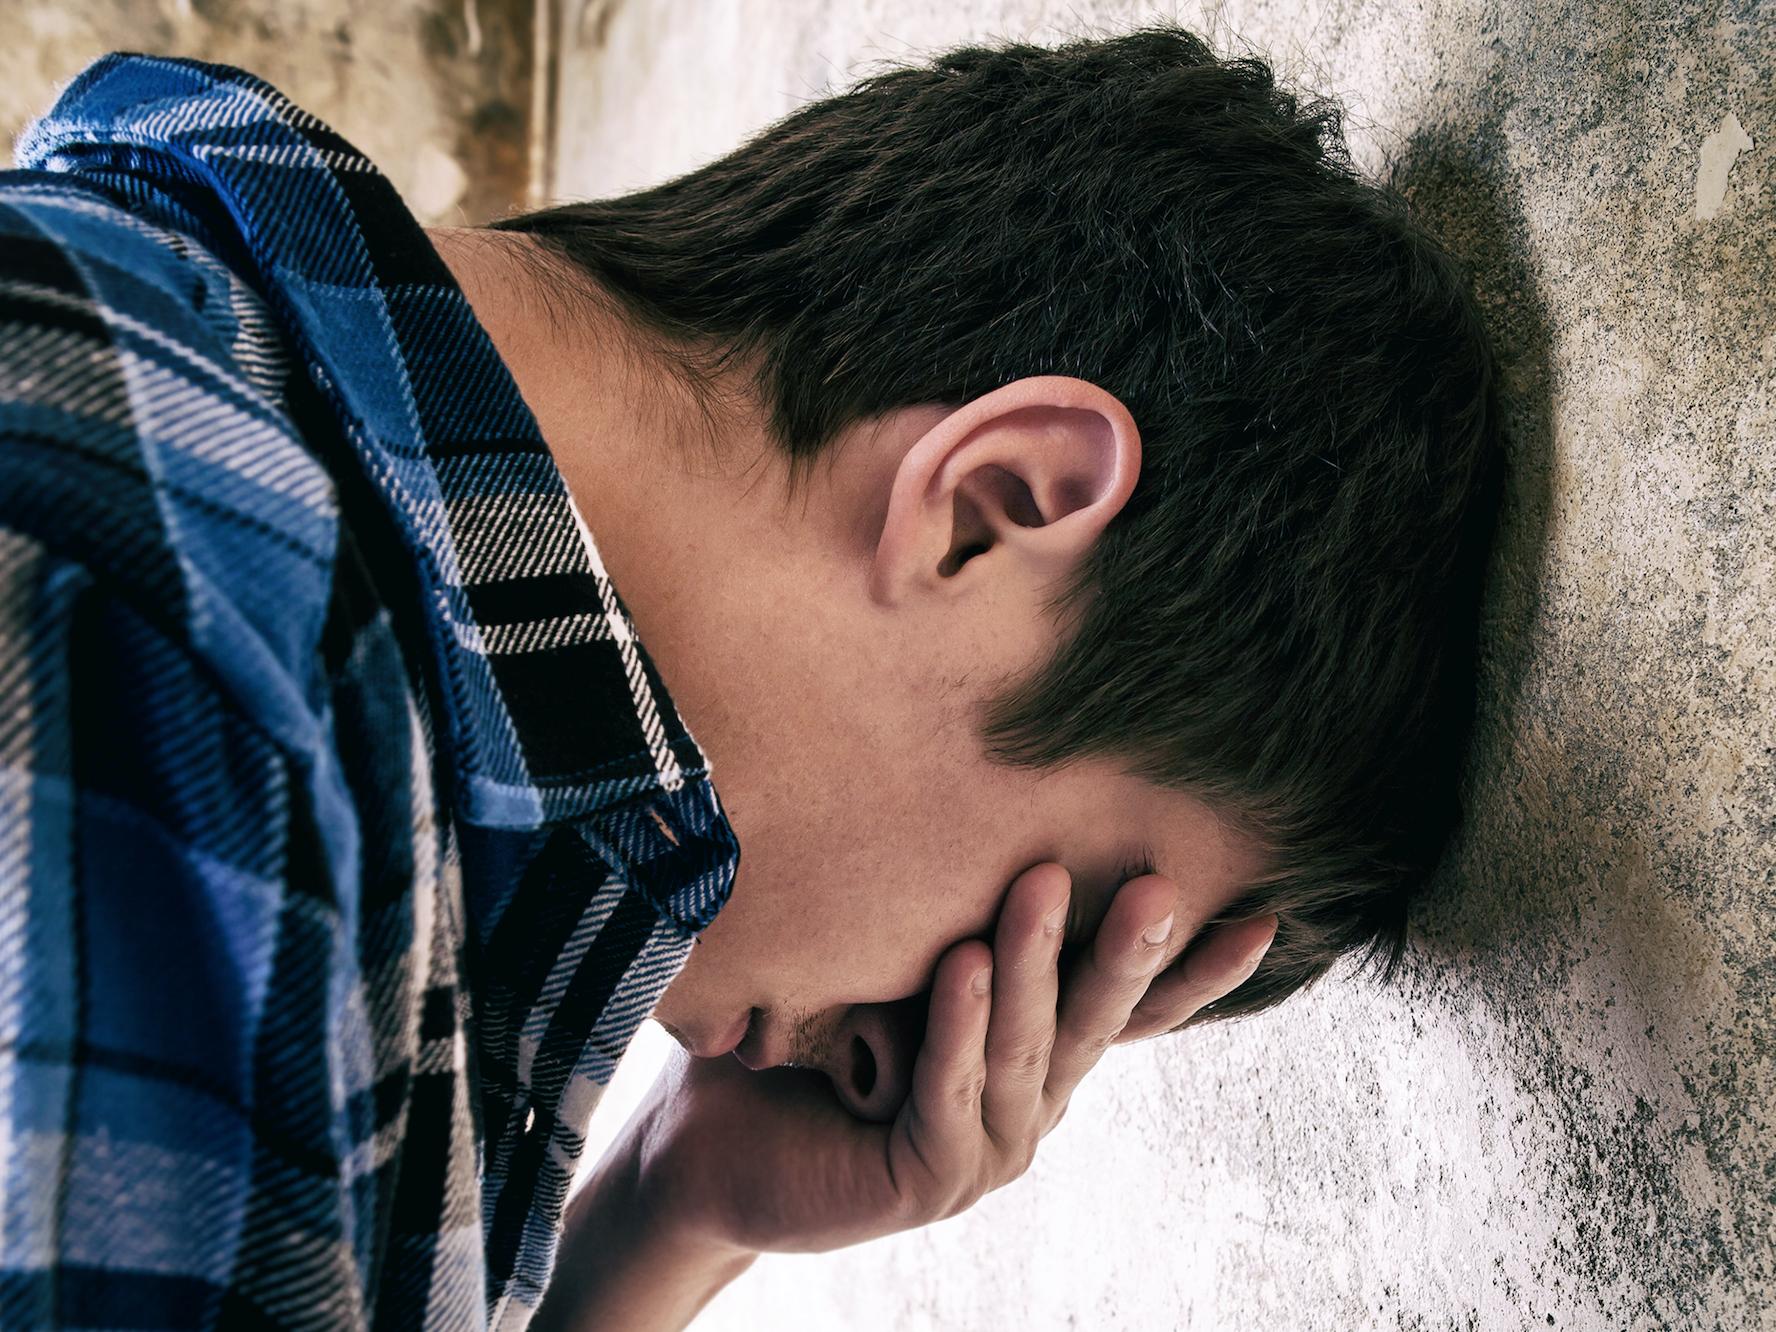 Синът ми имаше анорексия. Чувствах се безпомощна, но сега виждам, че той е станал по-силен, за да оцелее